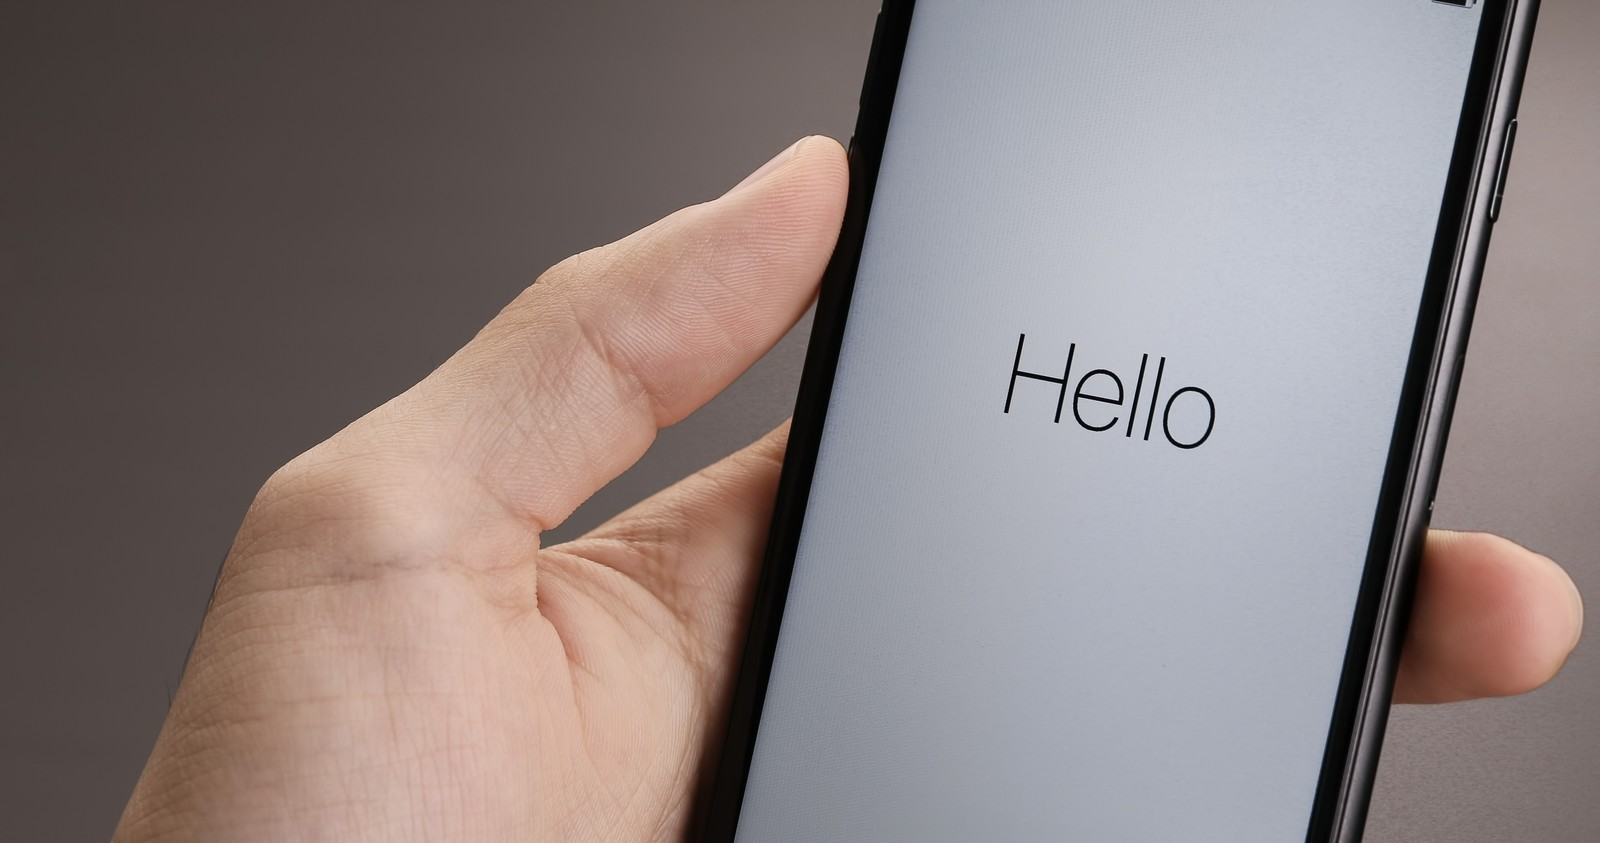 「「Hello」と表示されたスマートフォンの画面 | ぱくたそフリー素材」の写真